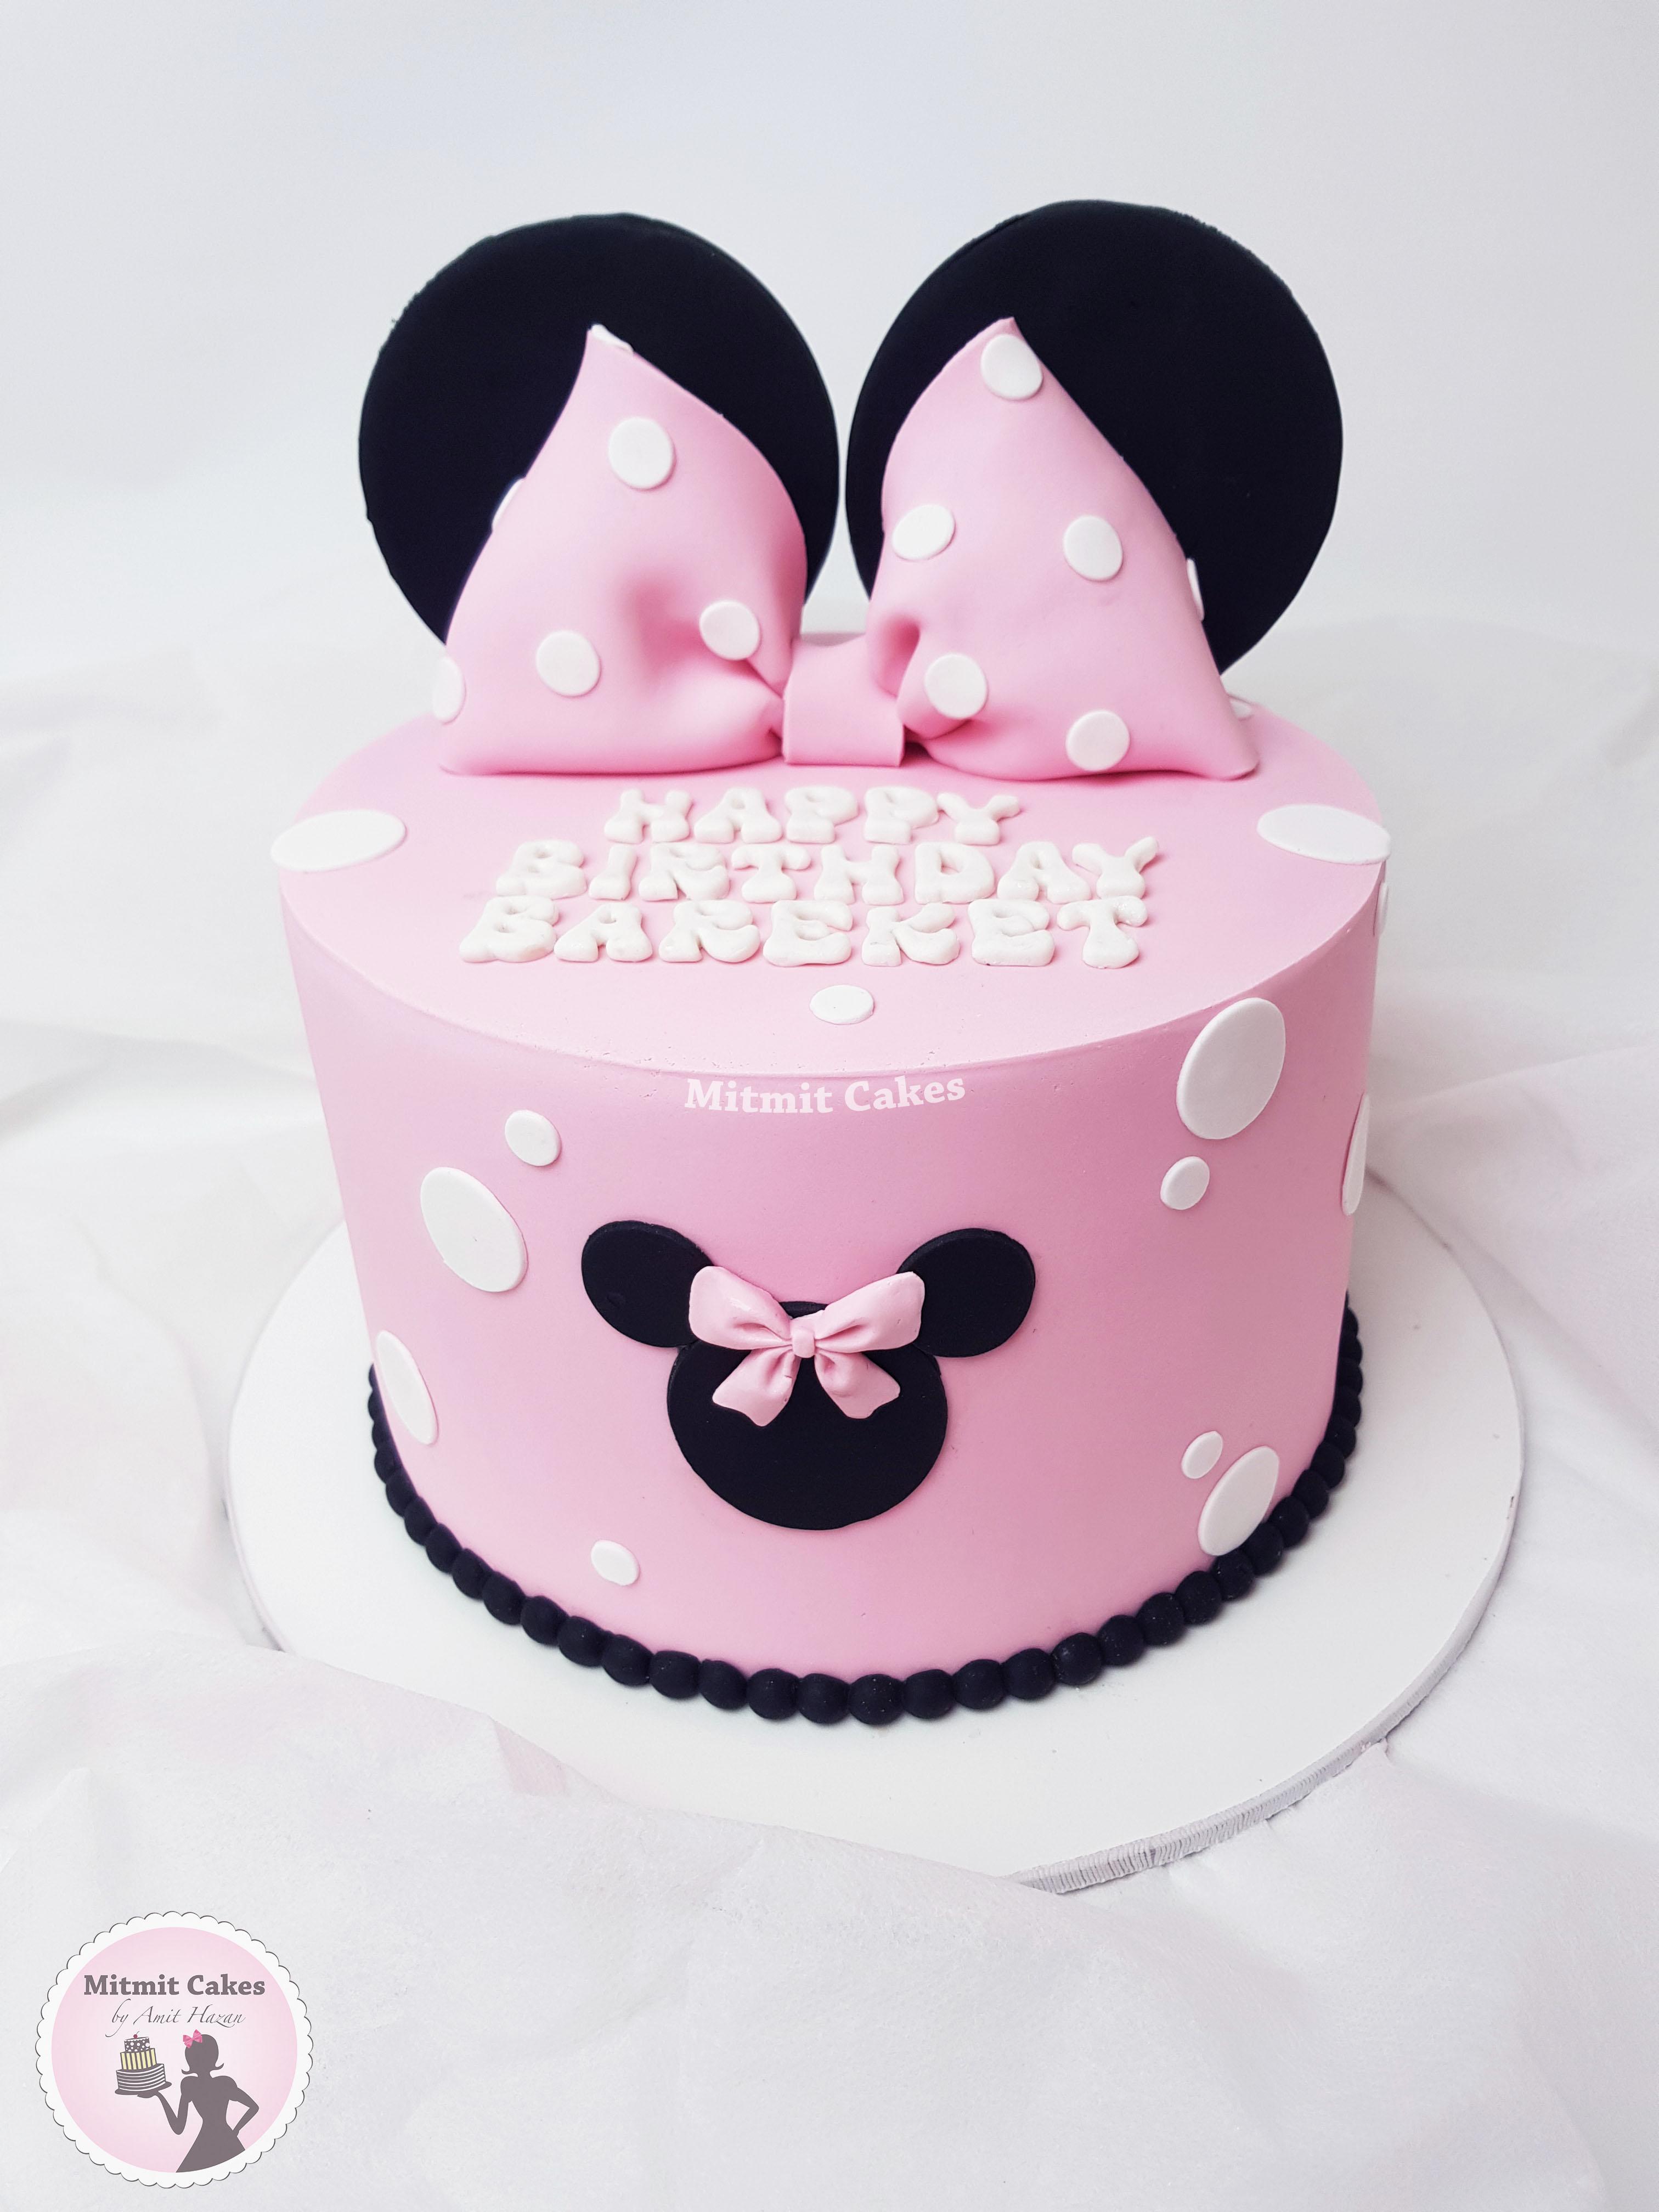 עוגה אוזניים מיני מאוס